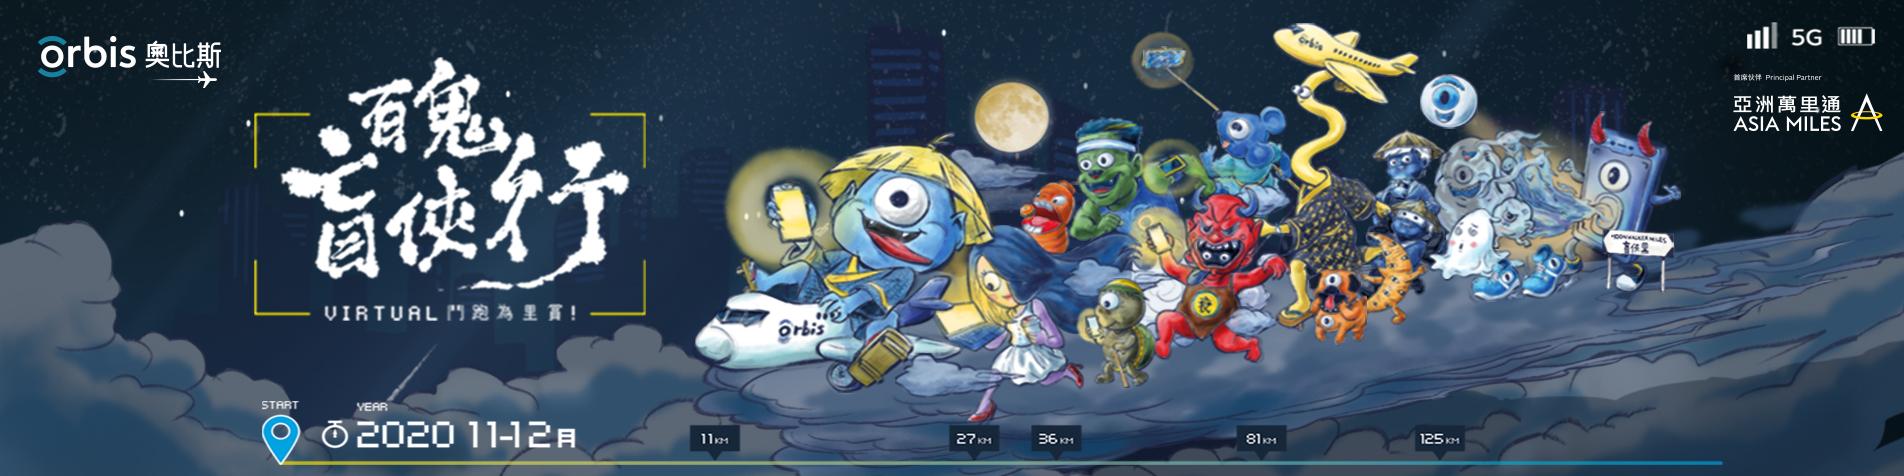 2020 Orbis Virtual Moonwalkers